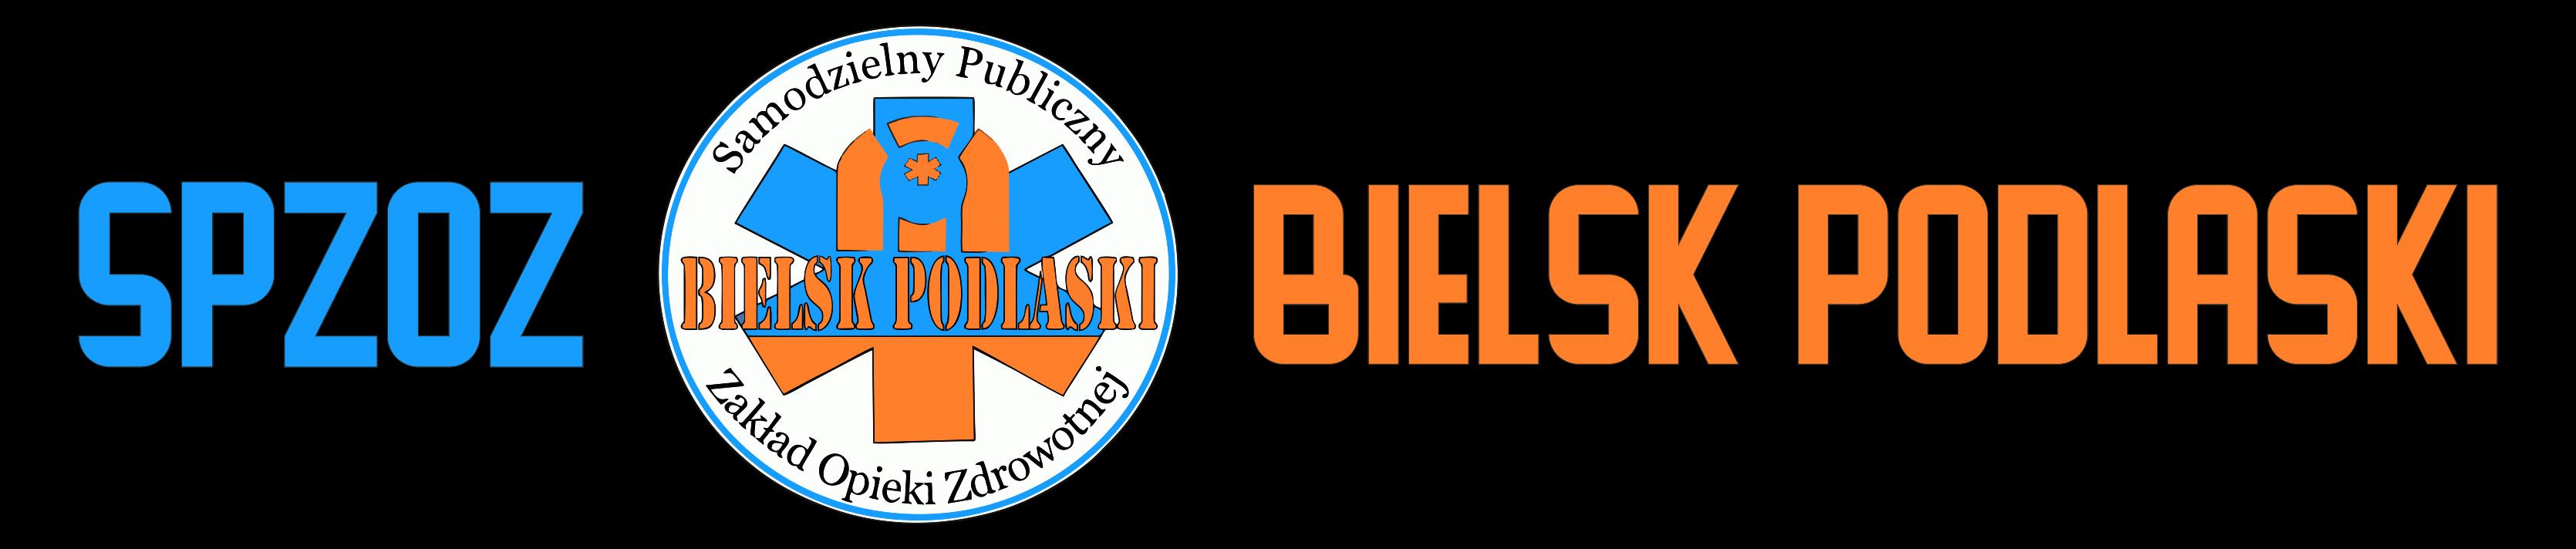 Samodzielny Publiczny Zakład Opieki Zdrowotnej w Bielsku Podlaskim